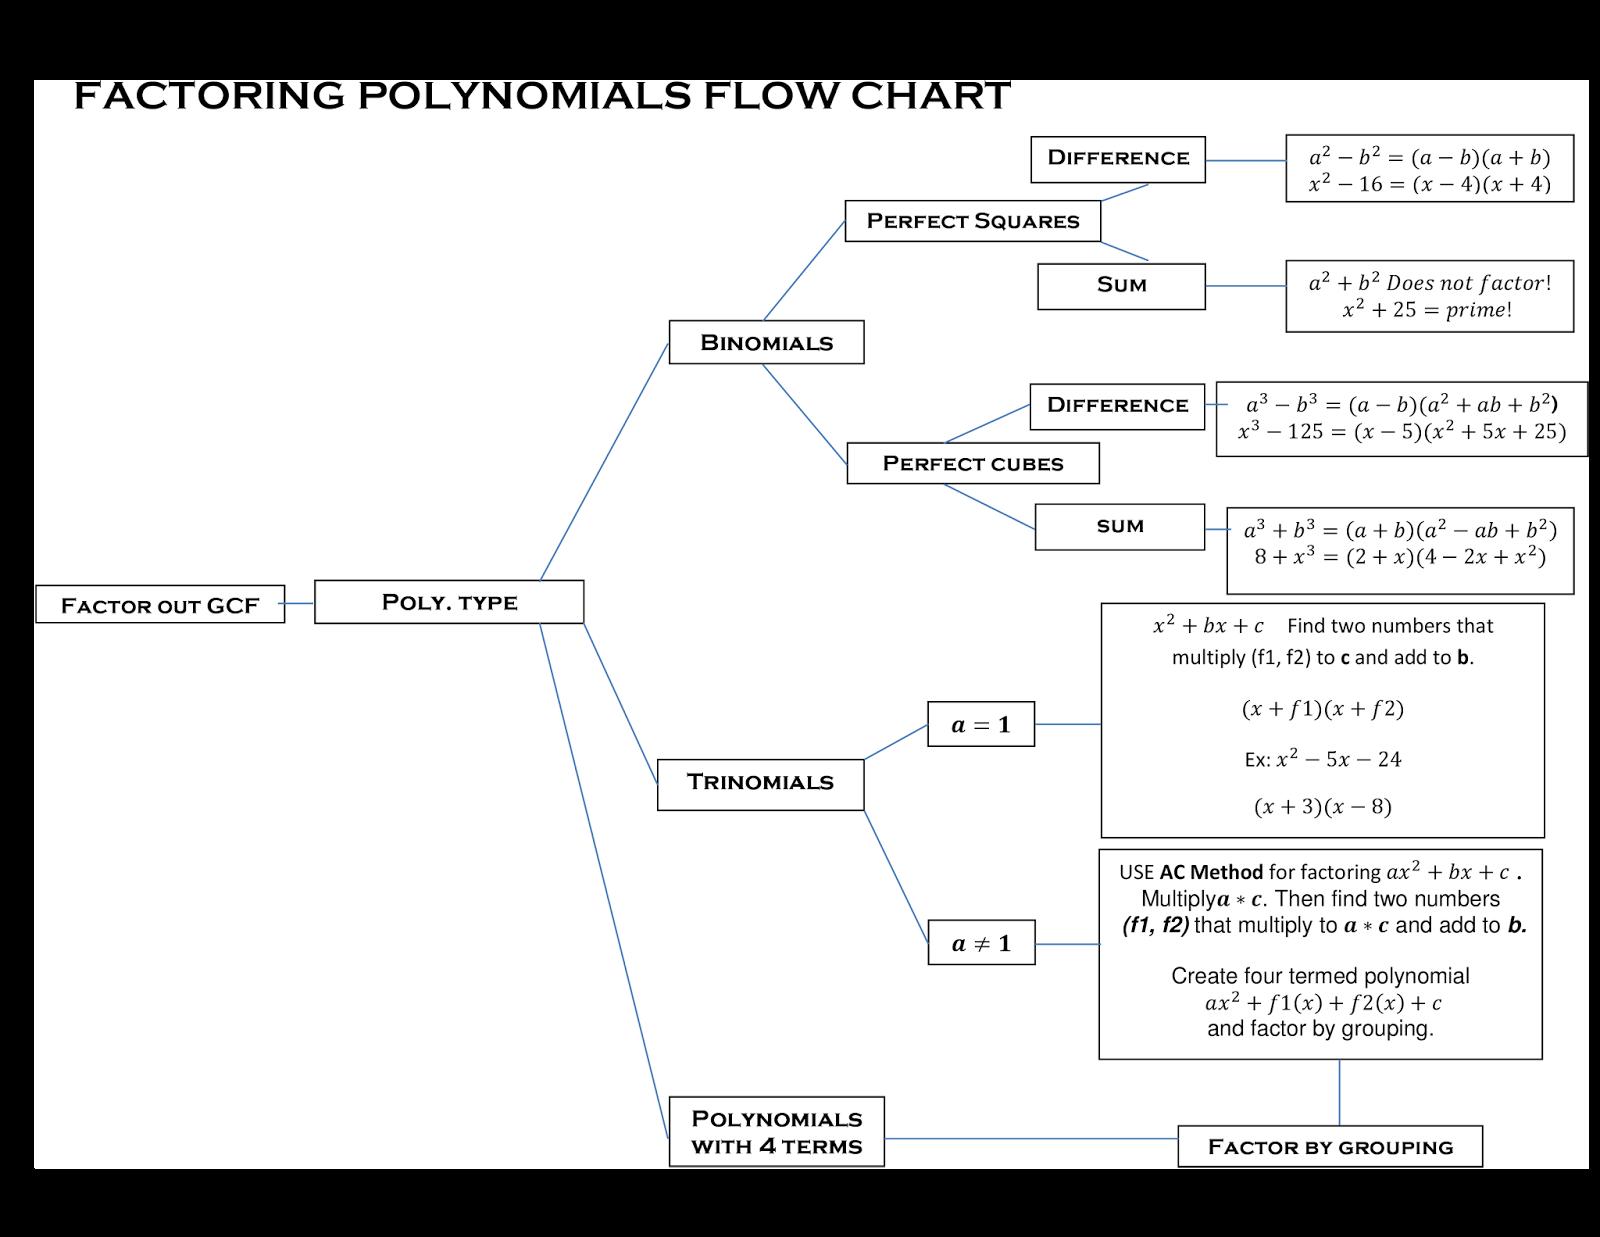 medium resolution of factoring flowchart